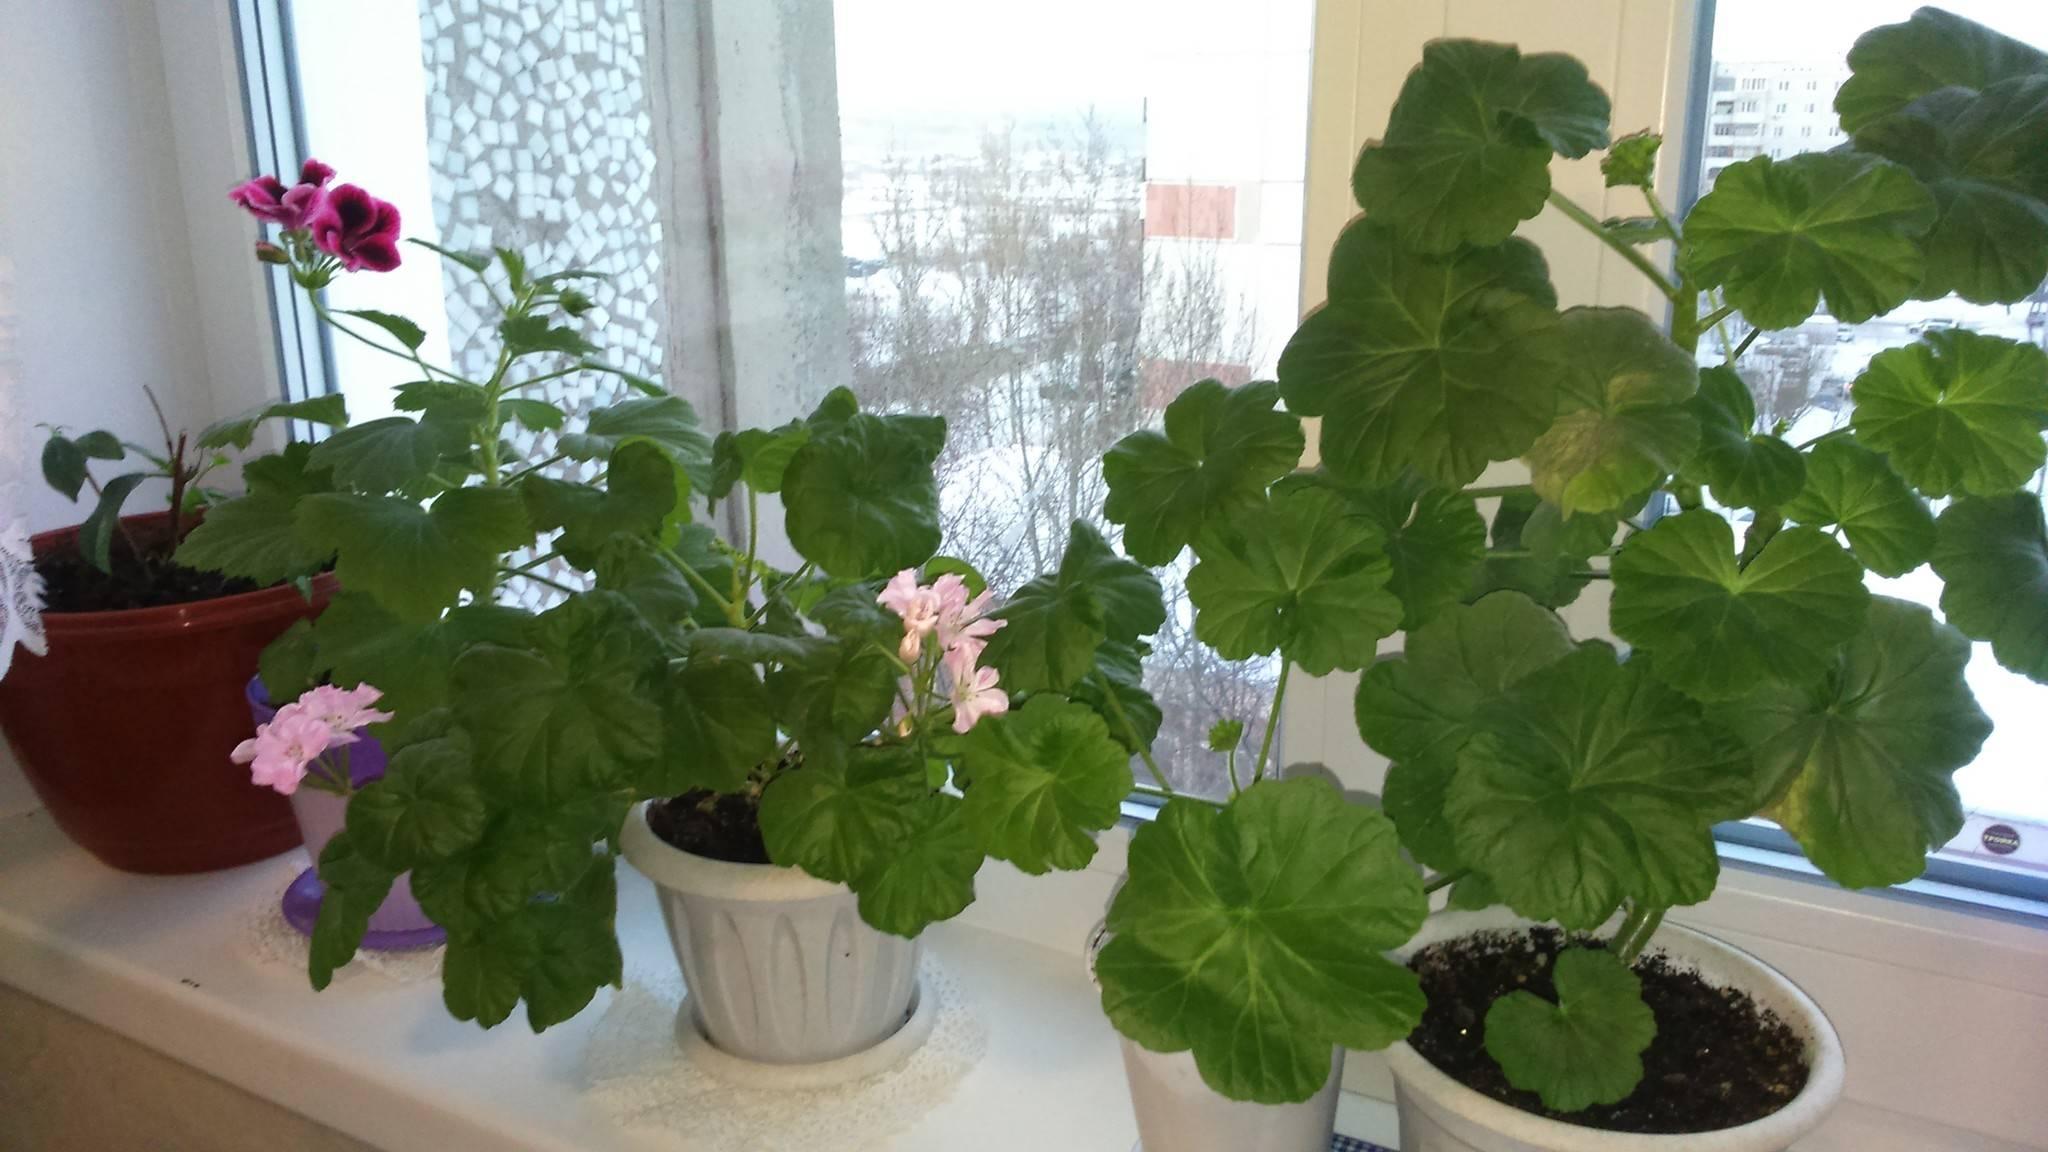 Размножение королевской пеларгонии в домашних условиях и уход после него: как производится посадка в грунт черенков и семян, как укоренить растение и другие нюансы